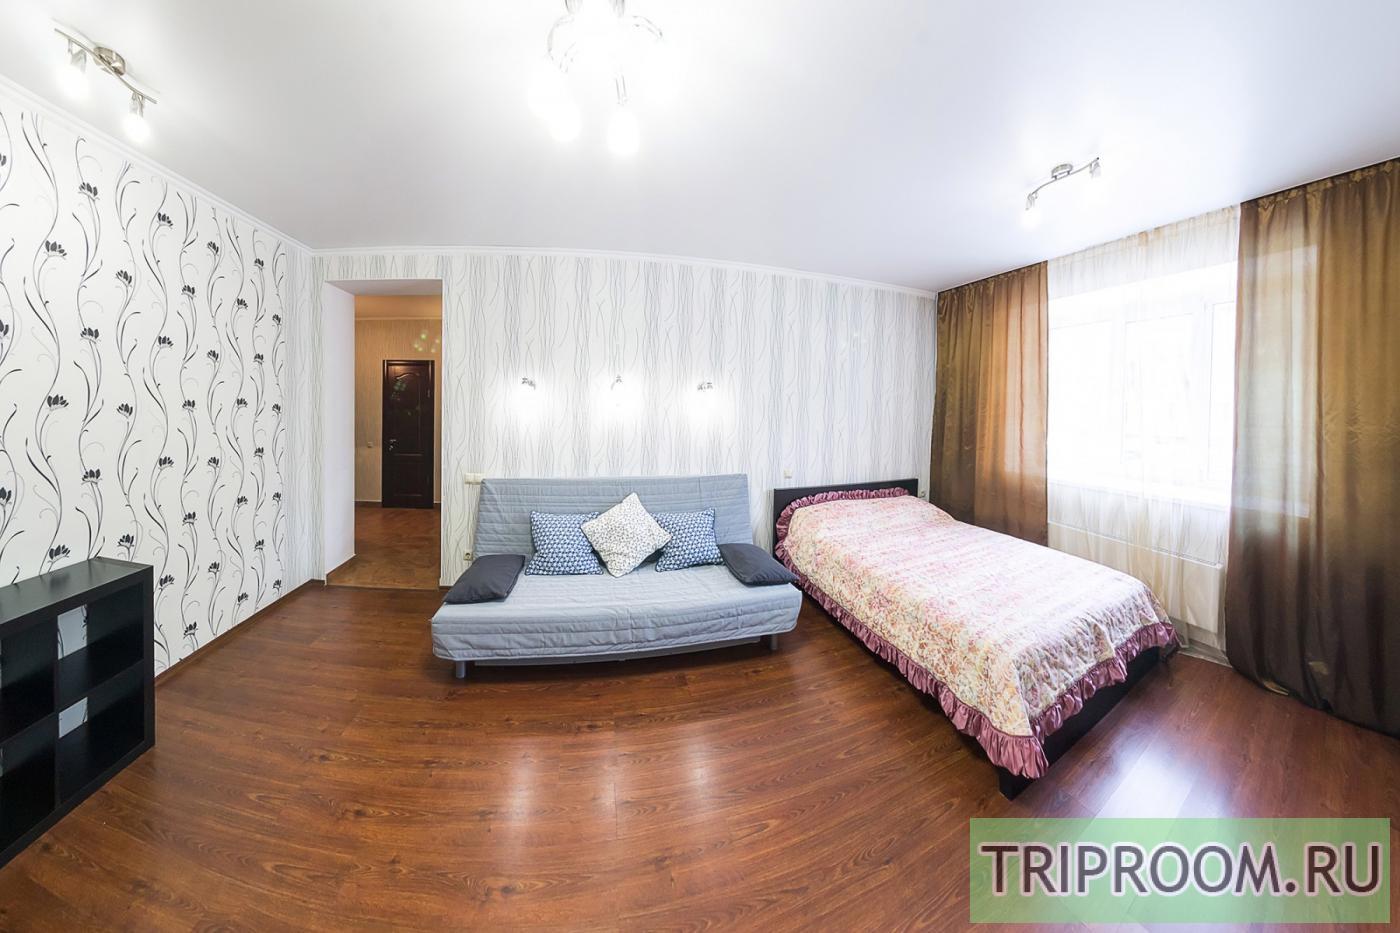 1-комнатная квартира посуточно (вариант № 33969), ул. Серафимовича улица, фото № 11